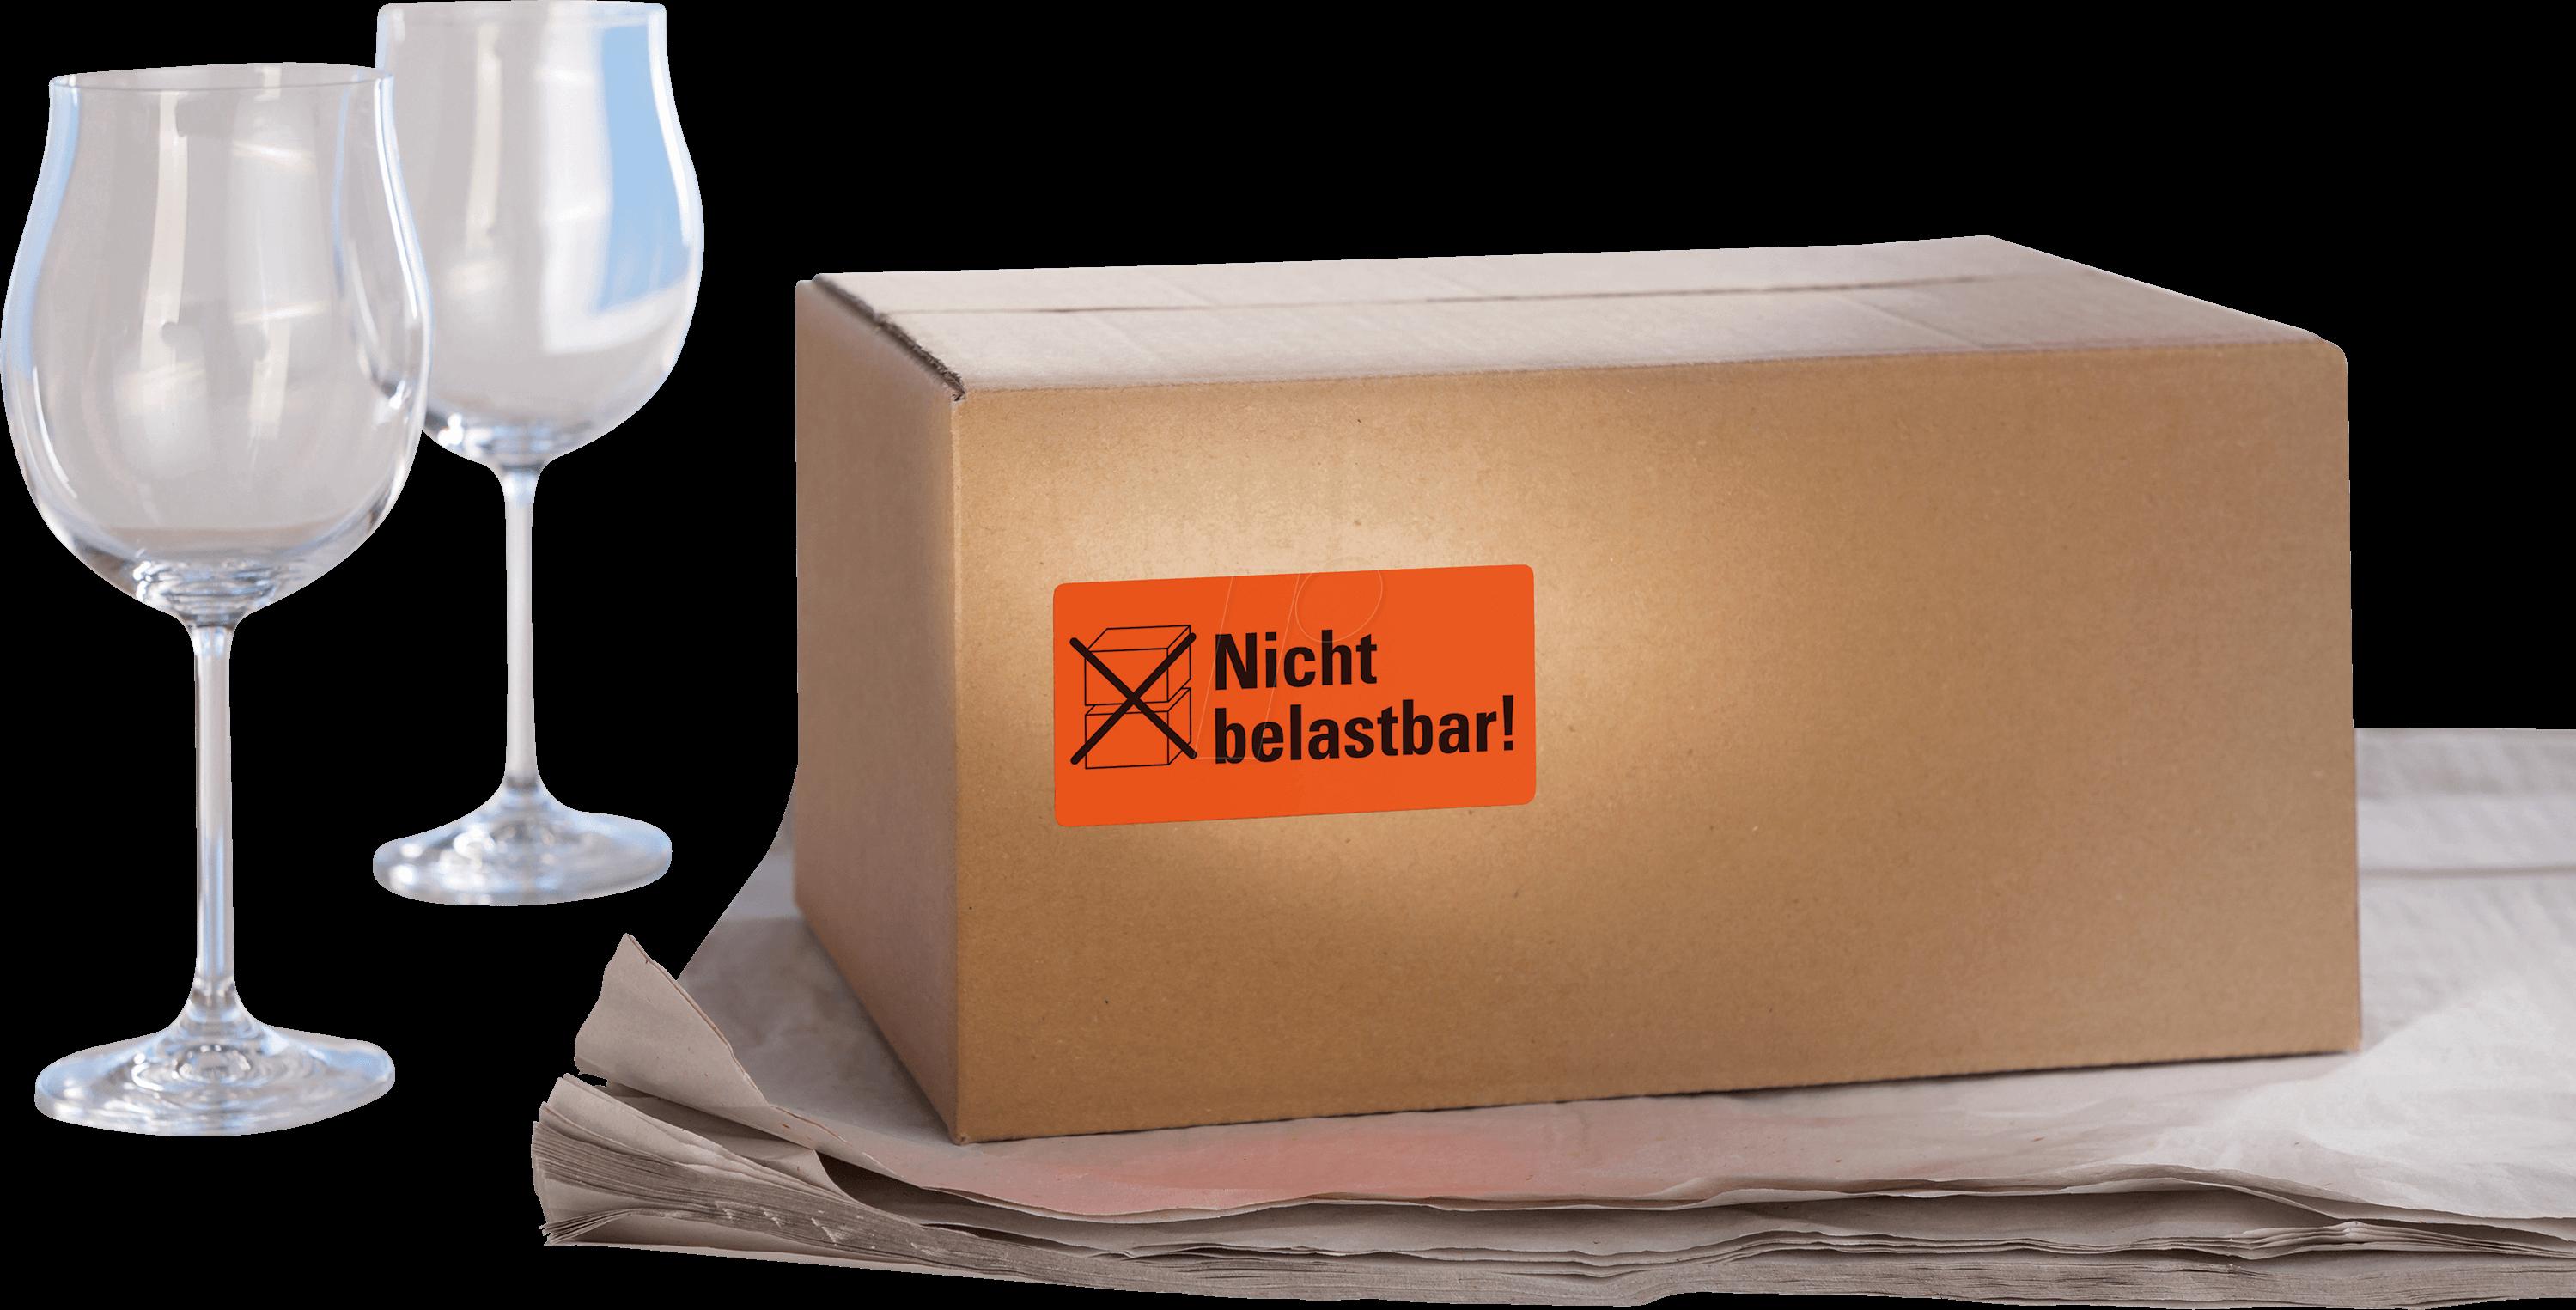 https://cdn-reichelt.de/bilder/web/xxl_ws/E460/AVZ_7215_06.png